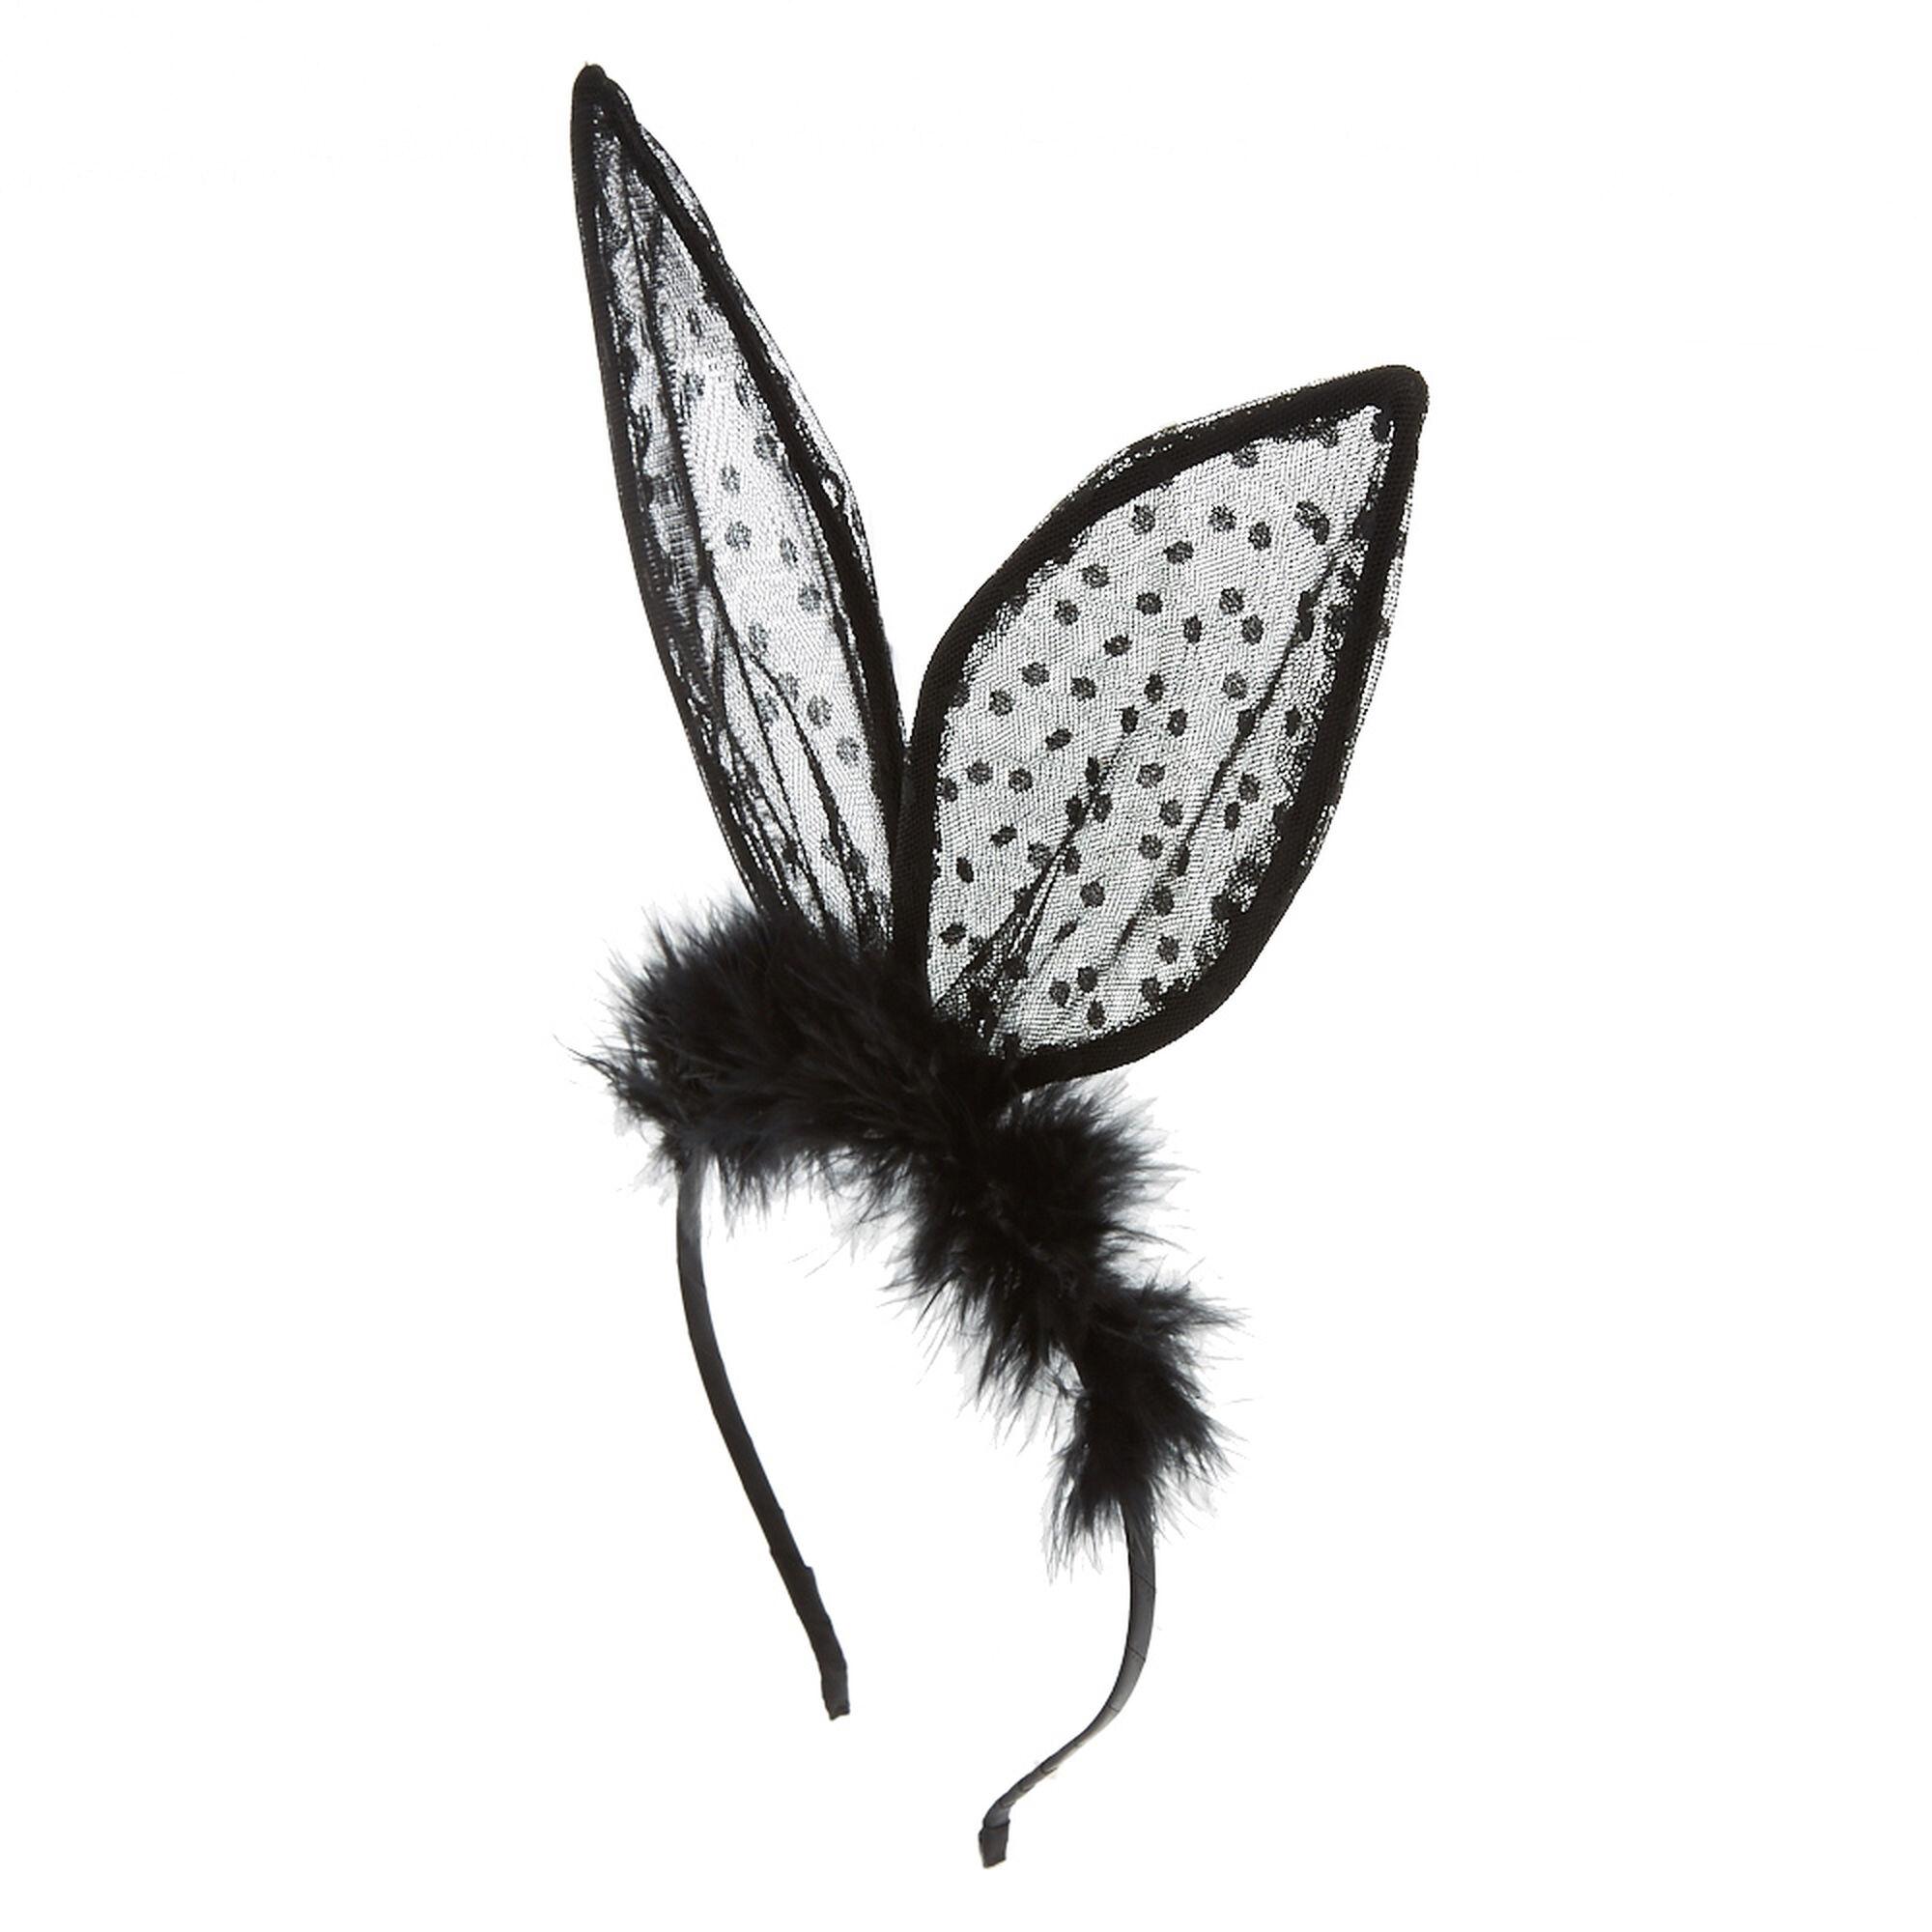 Black Lace Bunny Ears Fuzzy Headband   Claire's